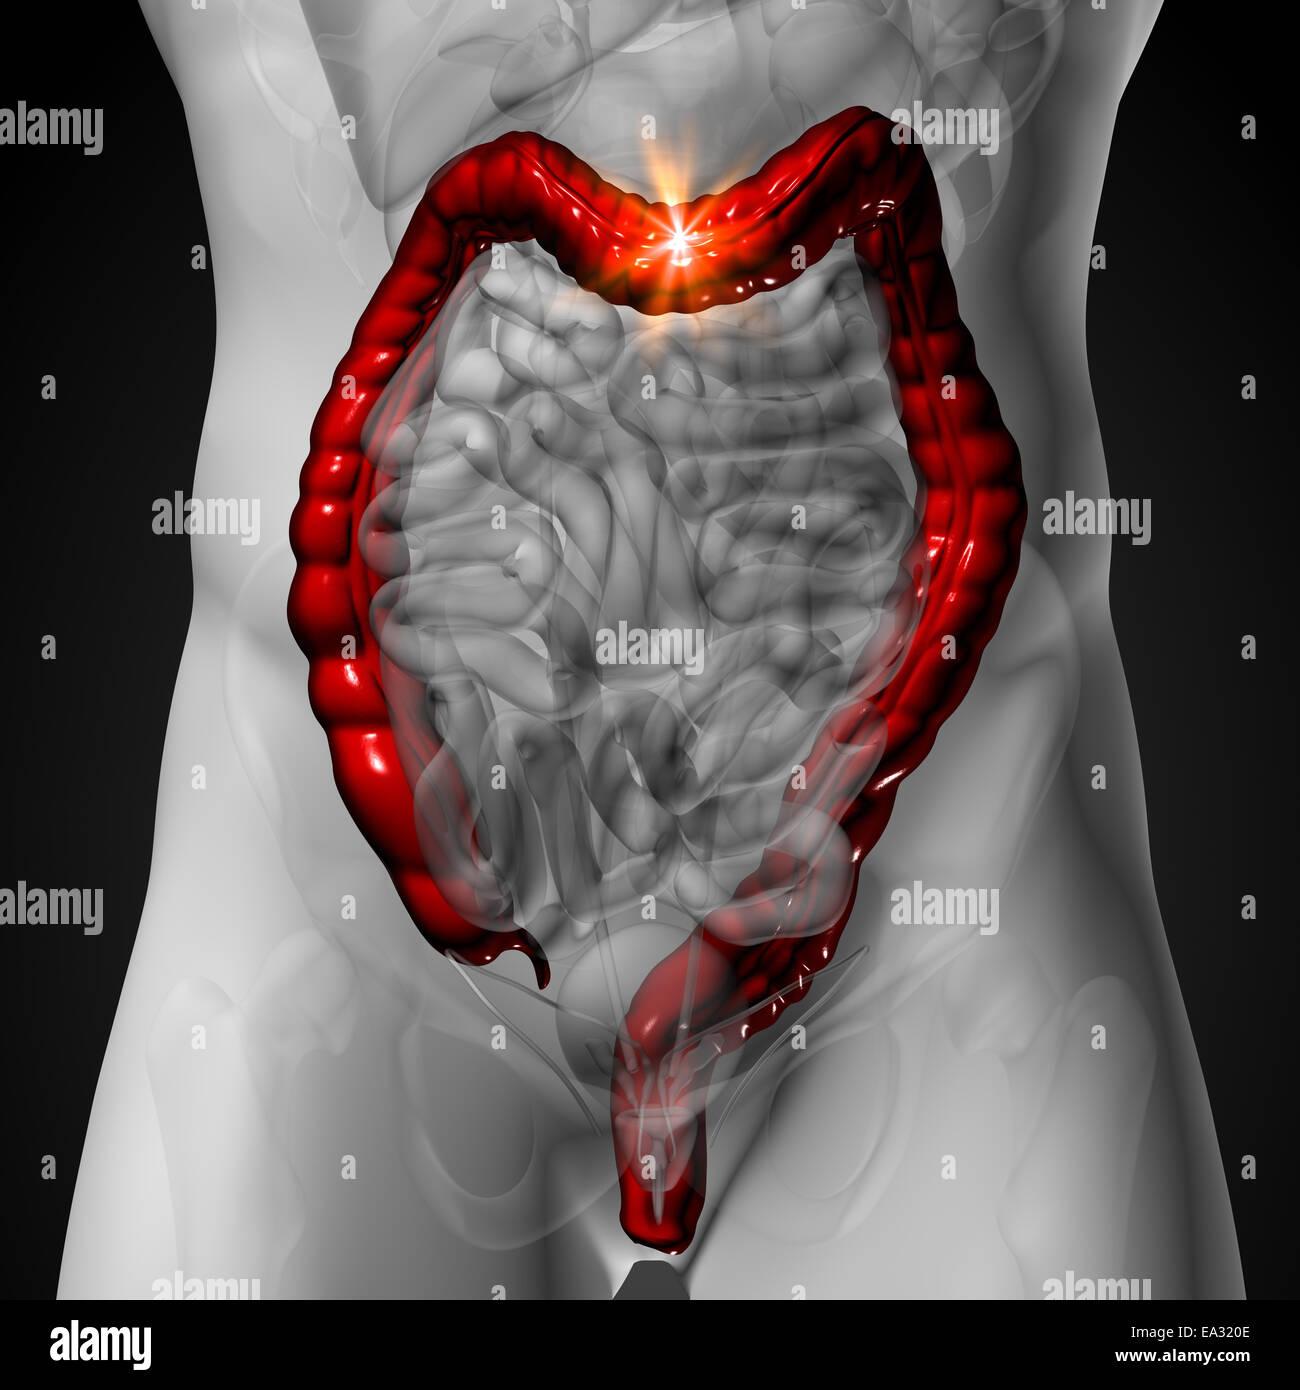 Colon / Dickdarm - männliche Anatomie menschlicher Organe - x-ray ...